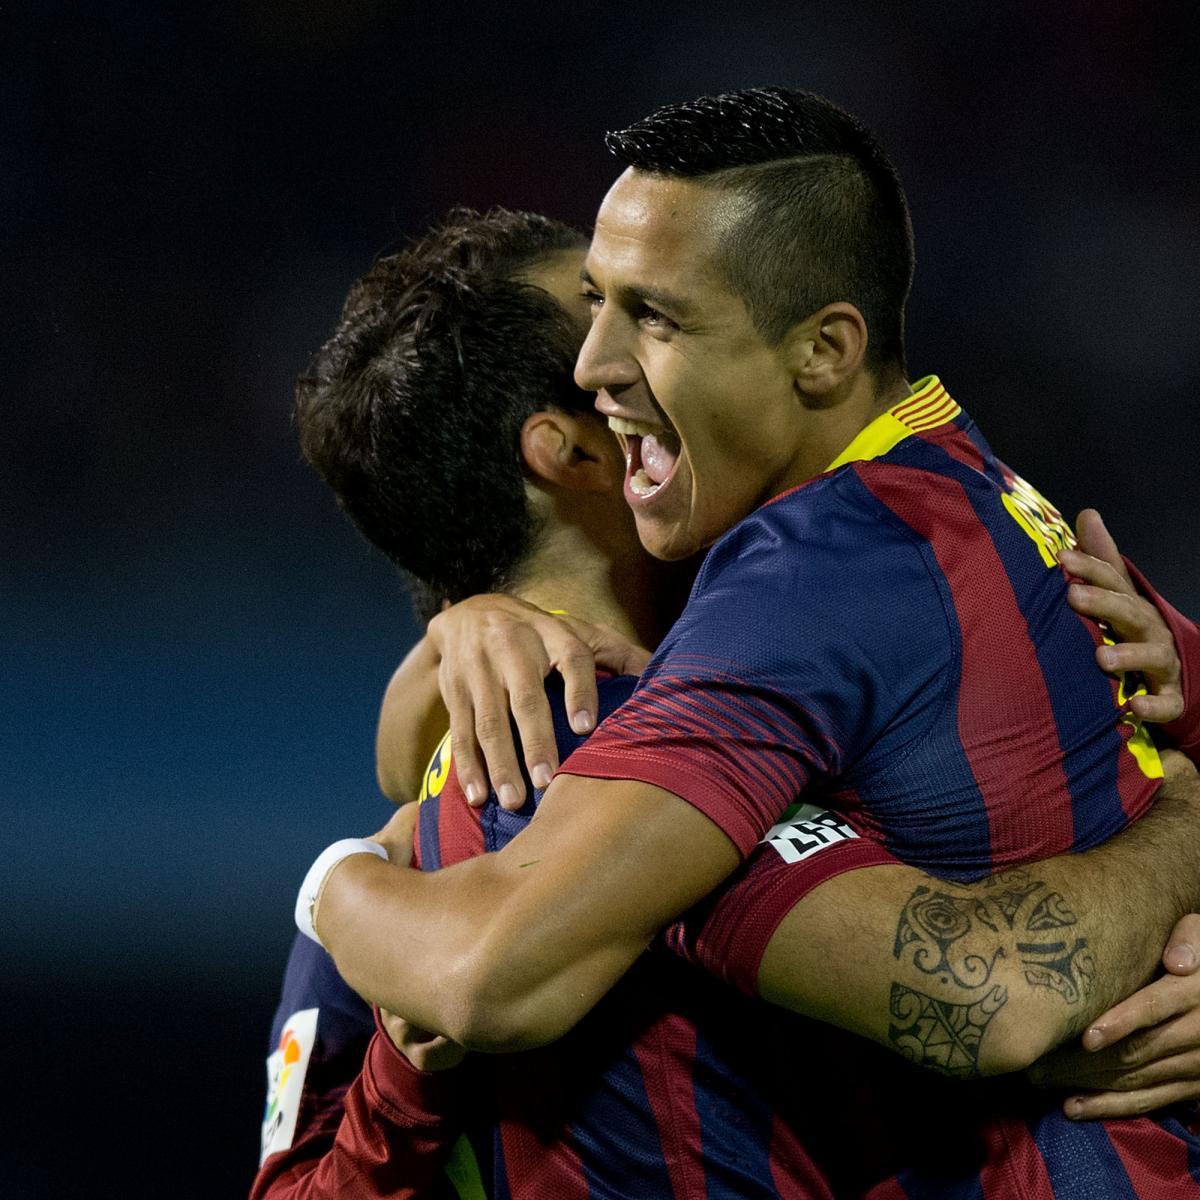 Celta Vigo 0-3 Barcelona: 6 Things We Learned